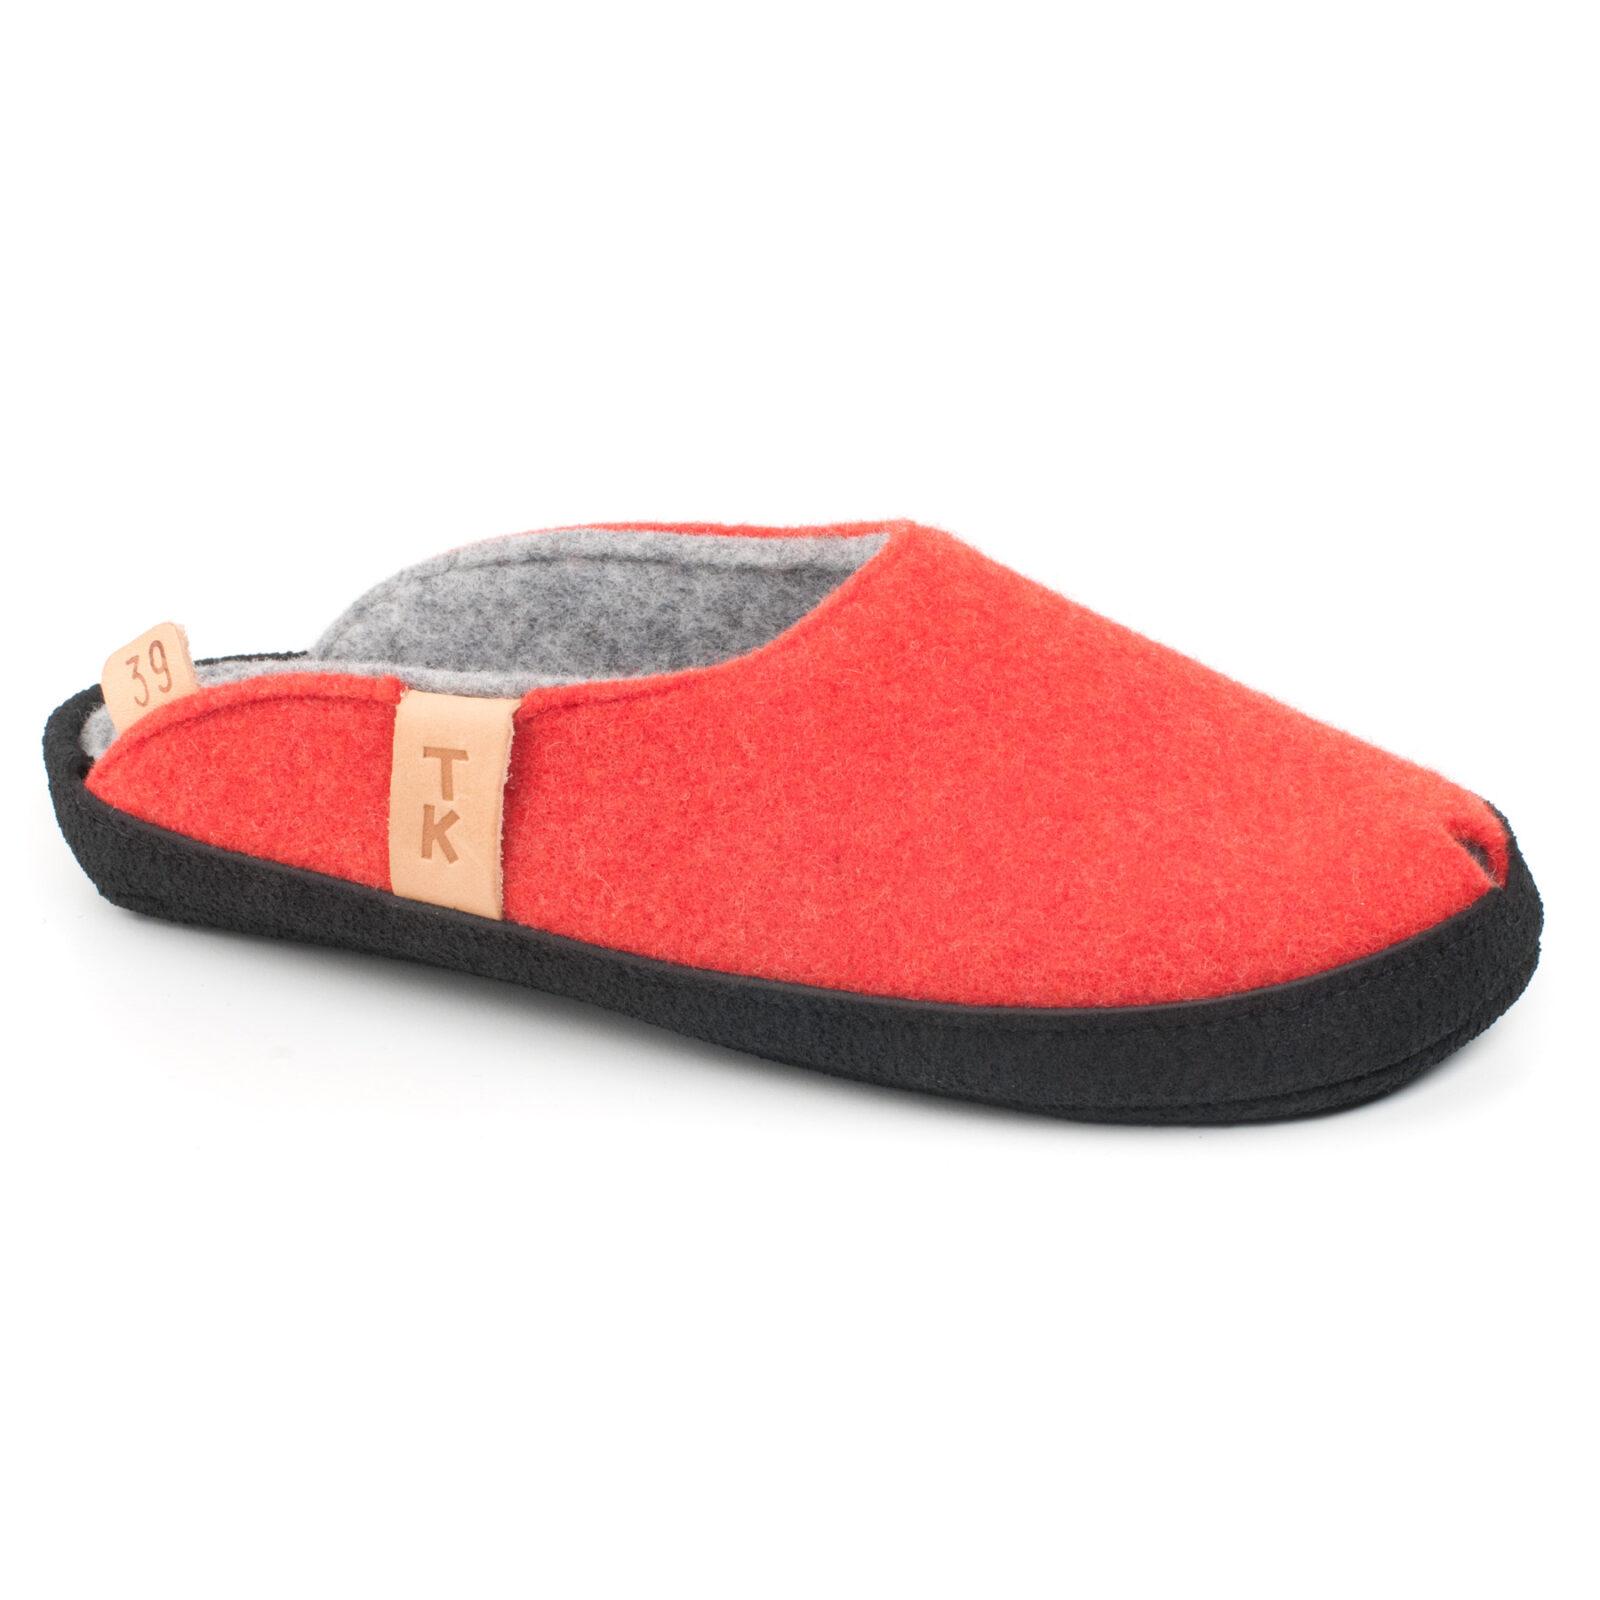 Toku-brussels-indoor-slippers-v14